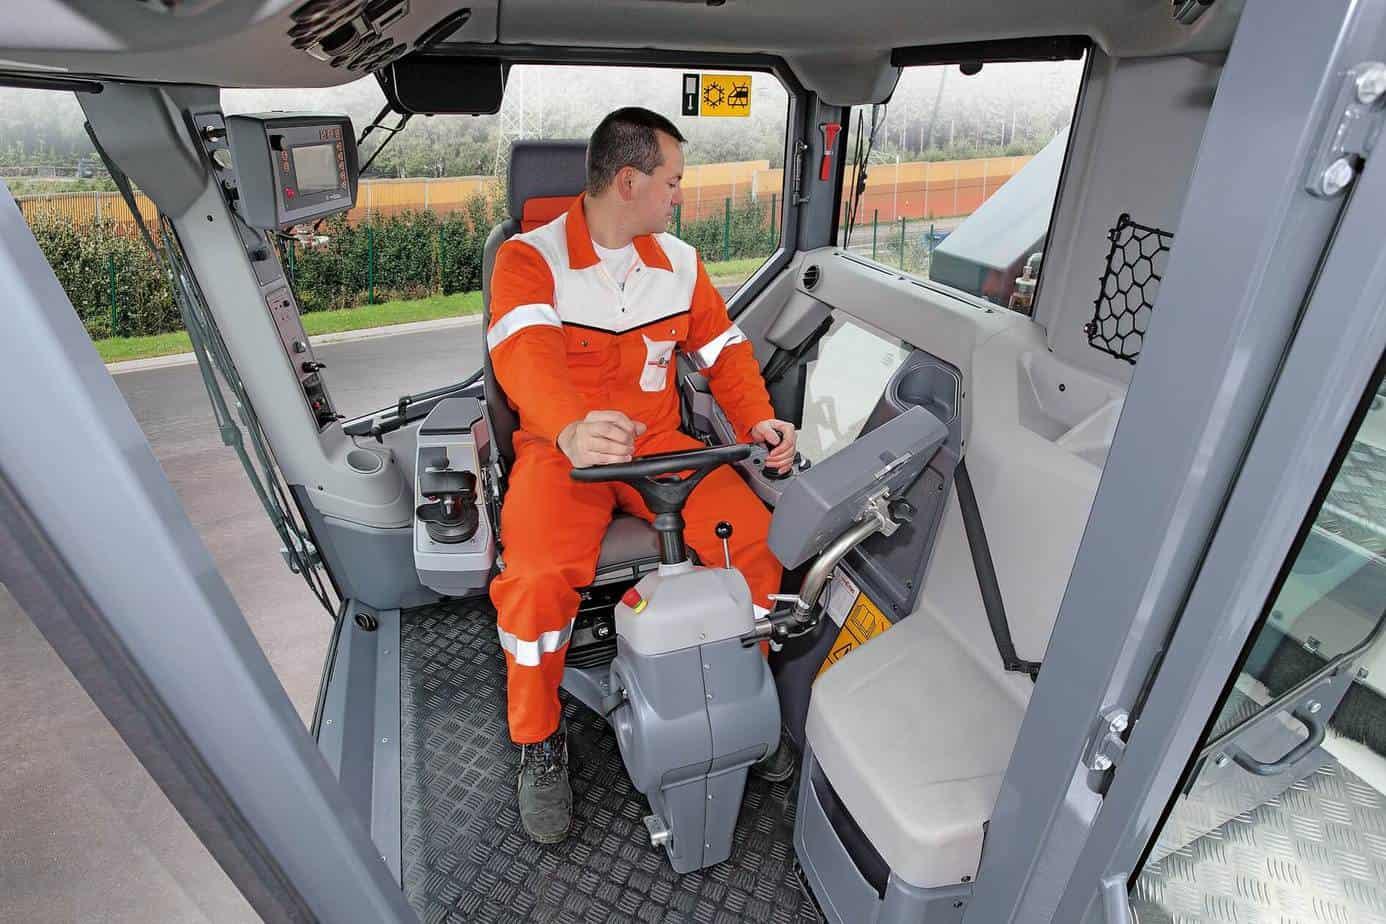 Il sedile di guida girevole di 90° permette all'operatore di vedere il bordo di fresatura, rendendo superflui ulteriori movimenti